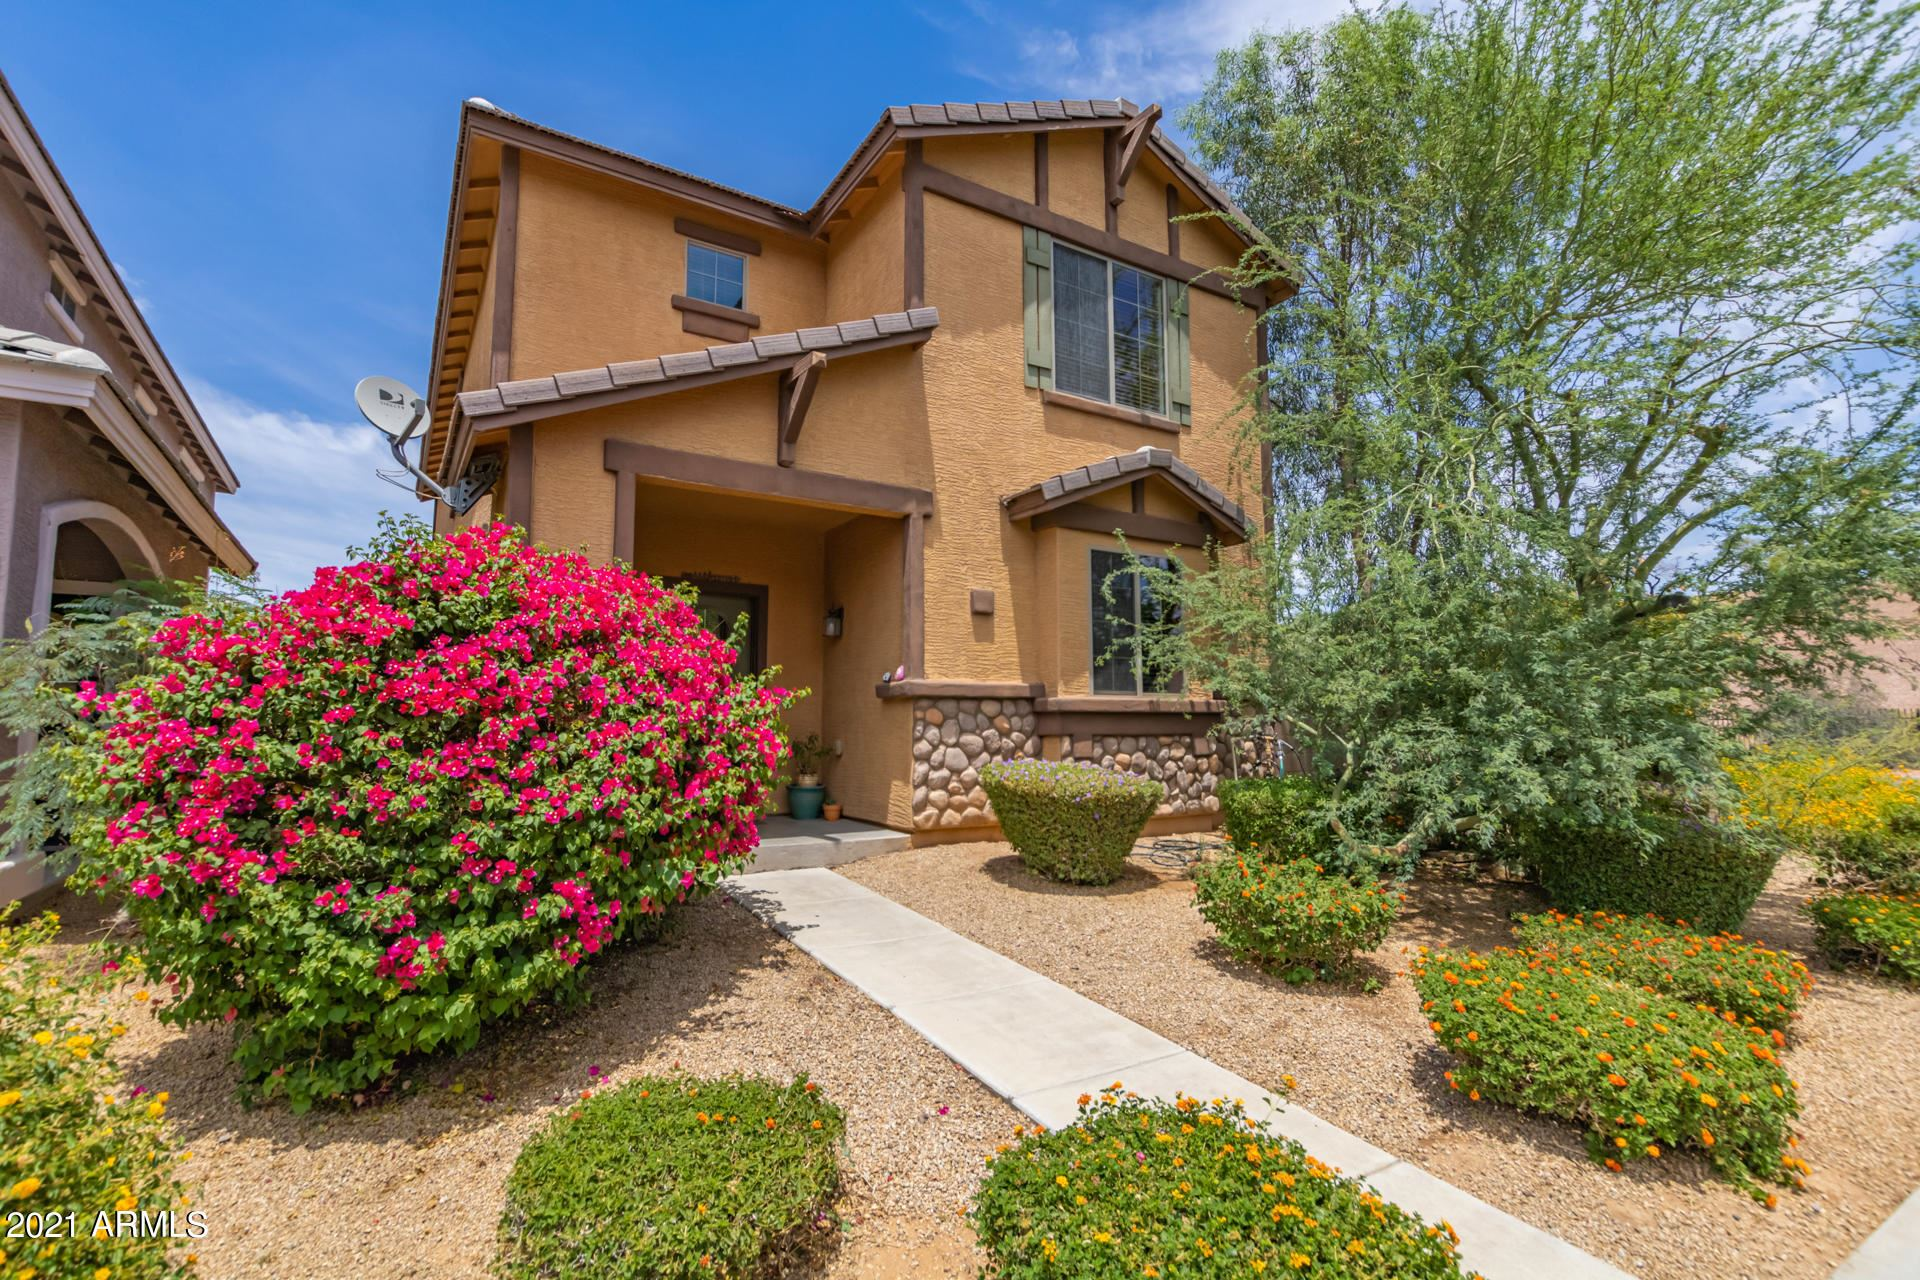 3774 E KRISTAL Way, Phoenix, AZ 85050 - MLS#: 6246246